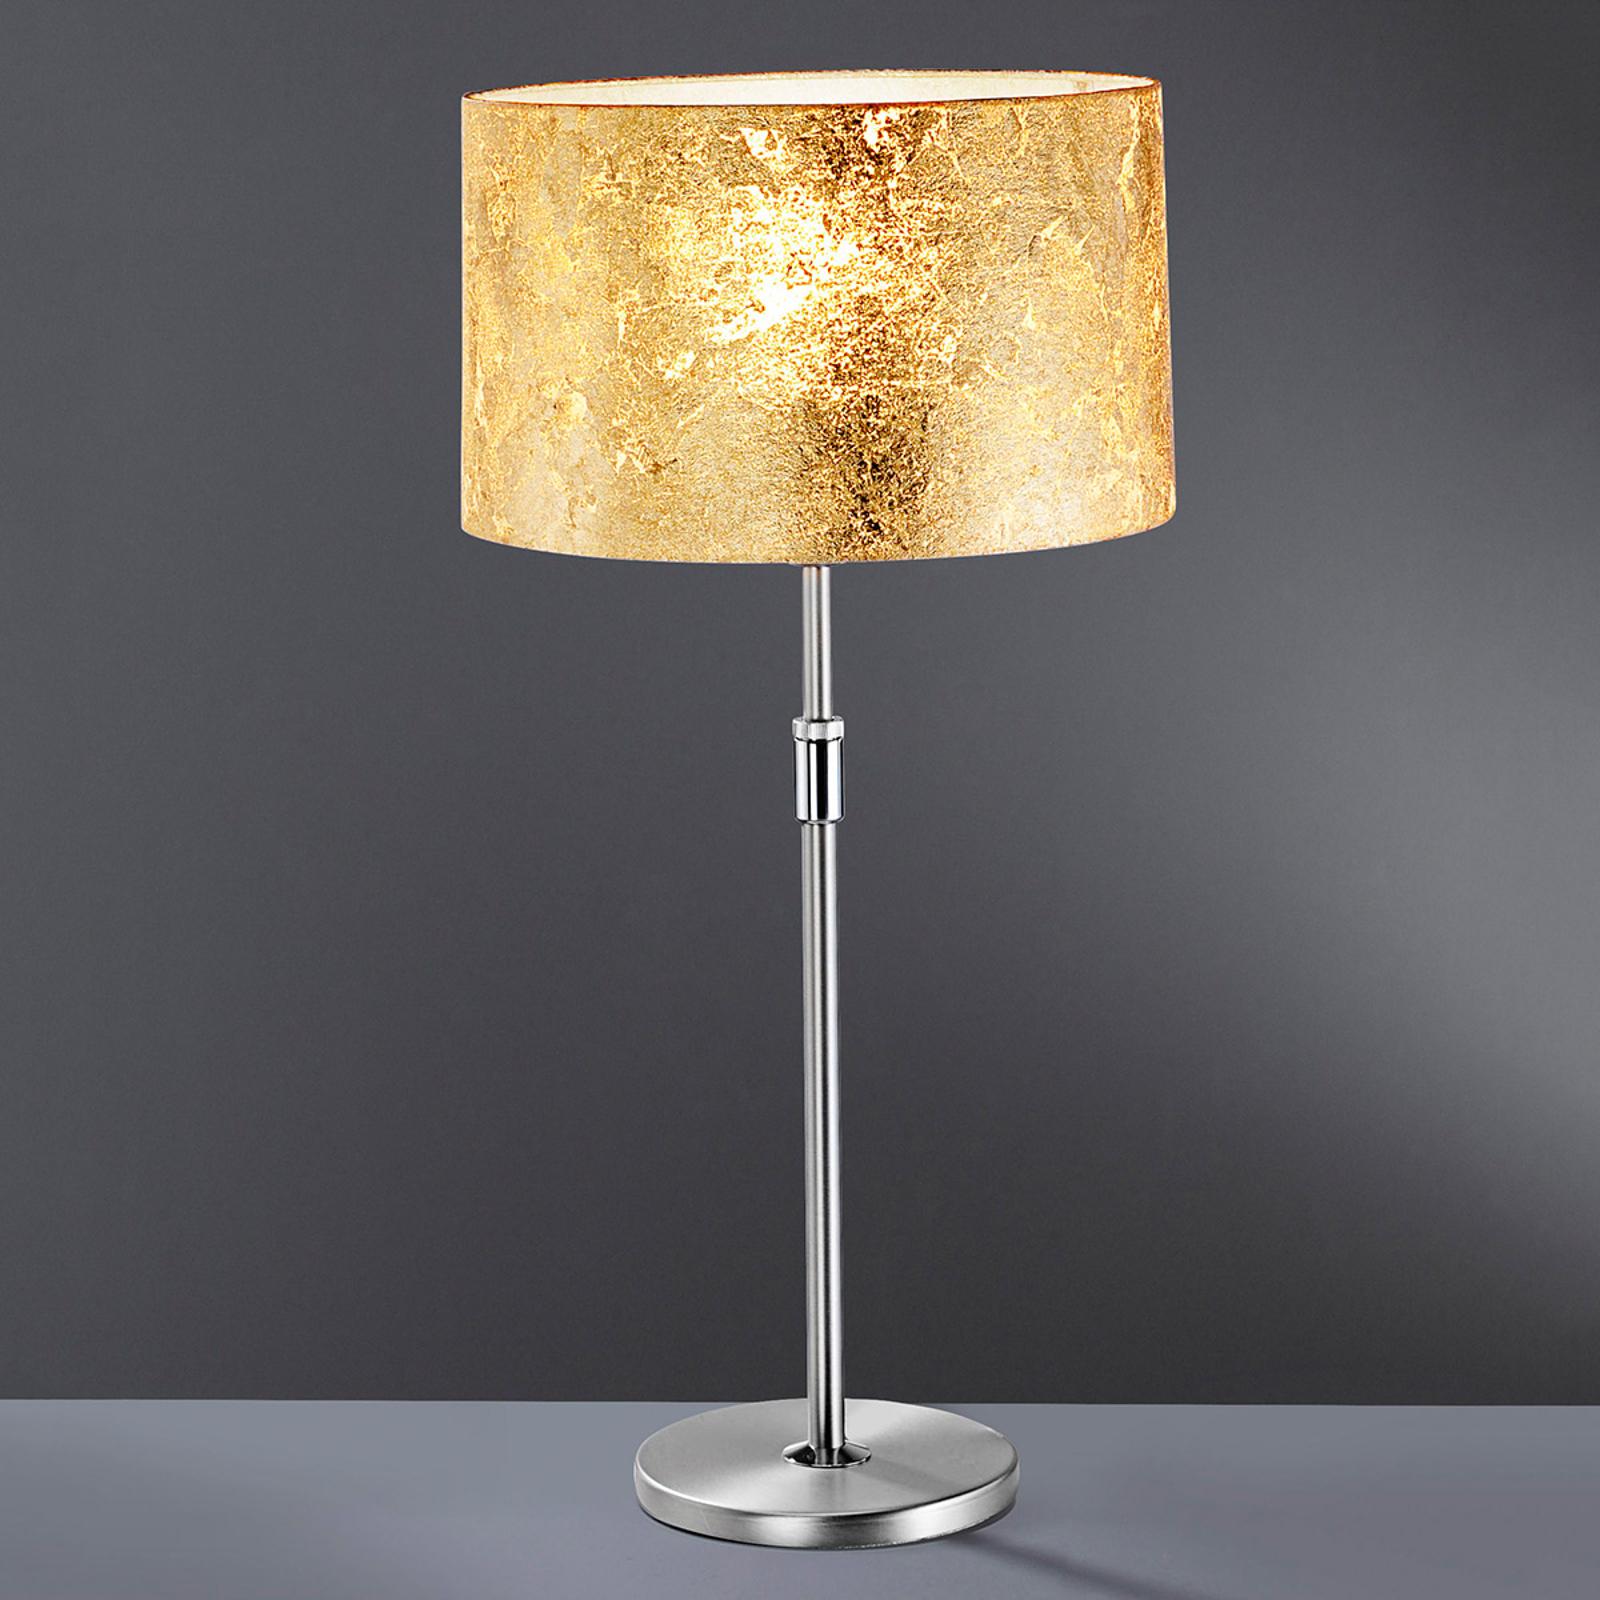 Lampada da tavolo Alea Loop con oro in foglia